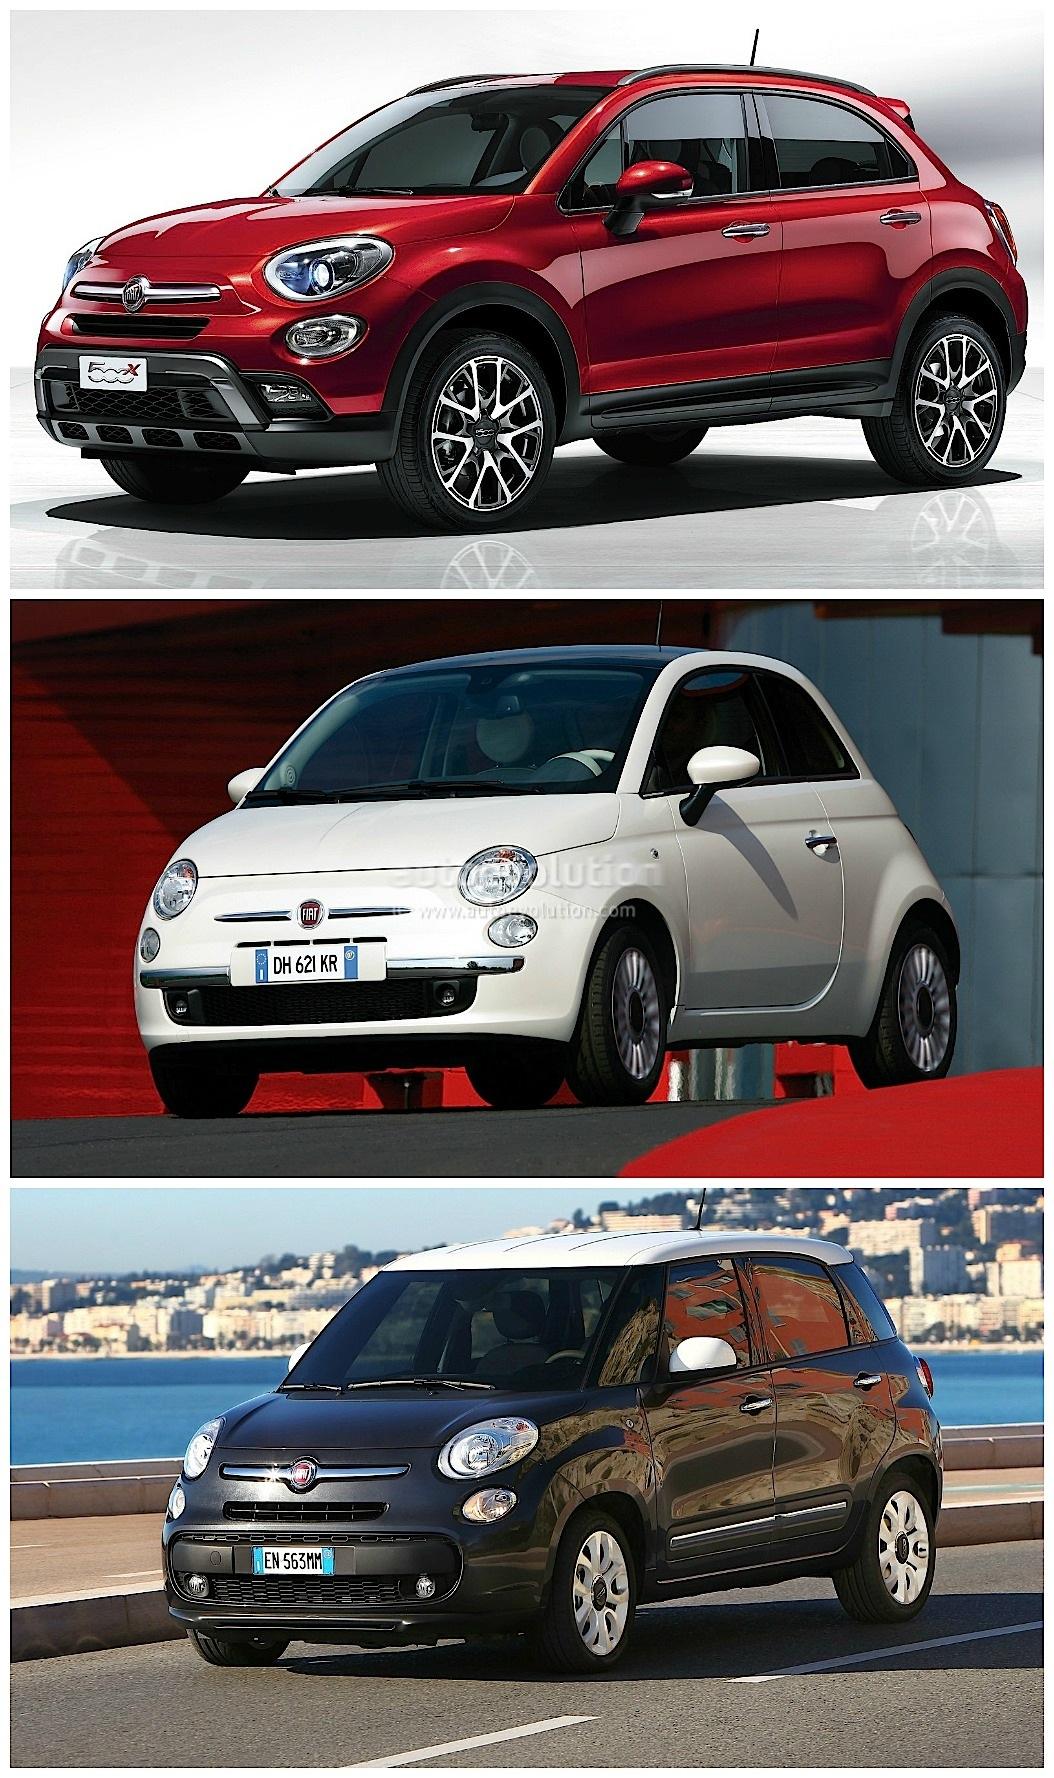 Fiat 500x Vs 500l Vs 500 Italian Family Comparison